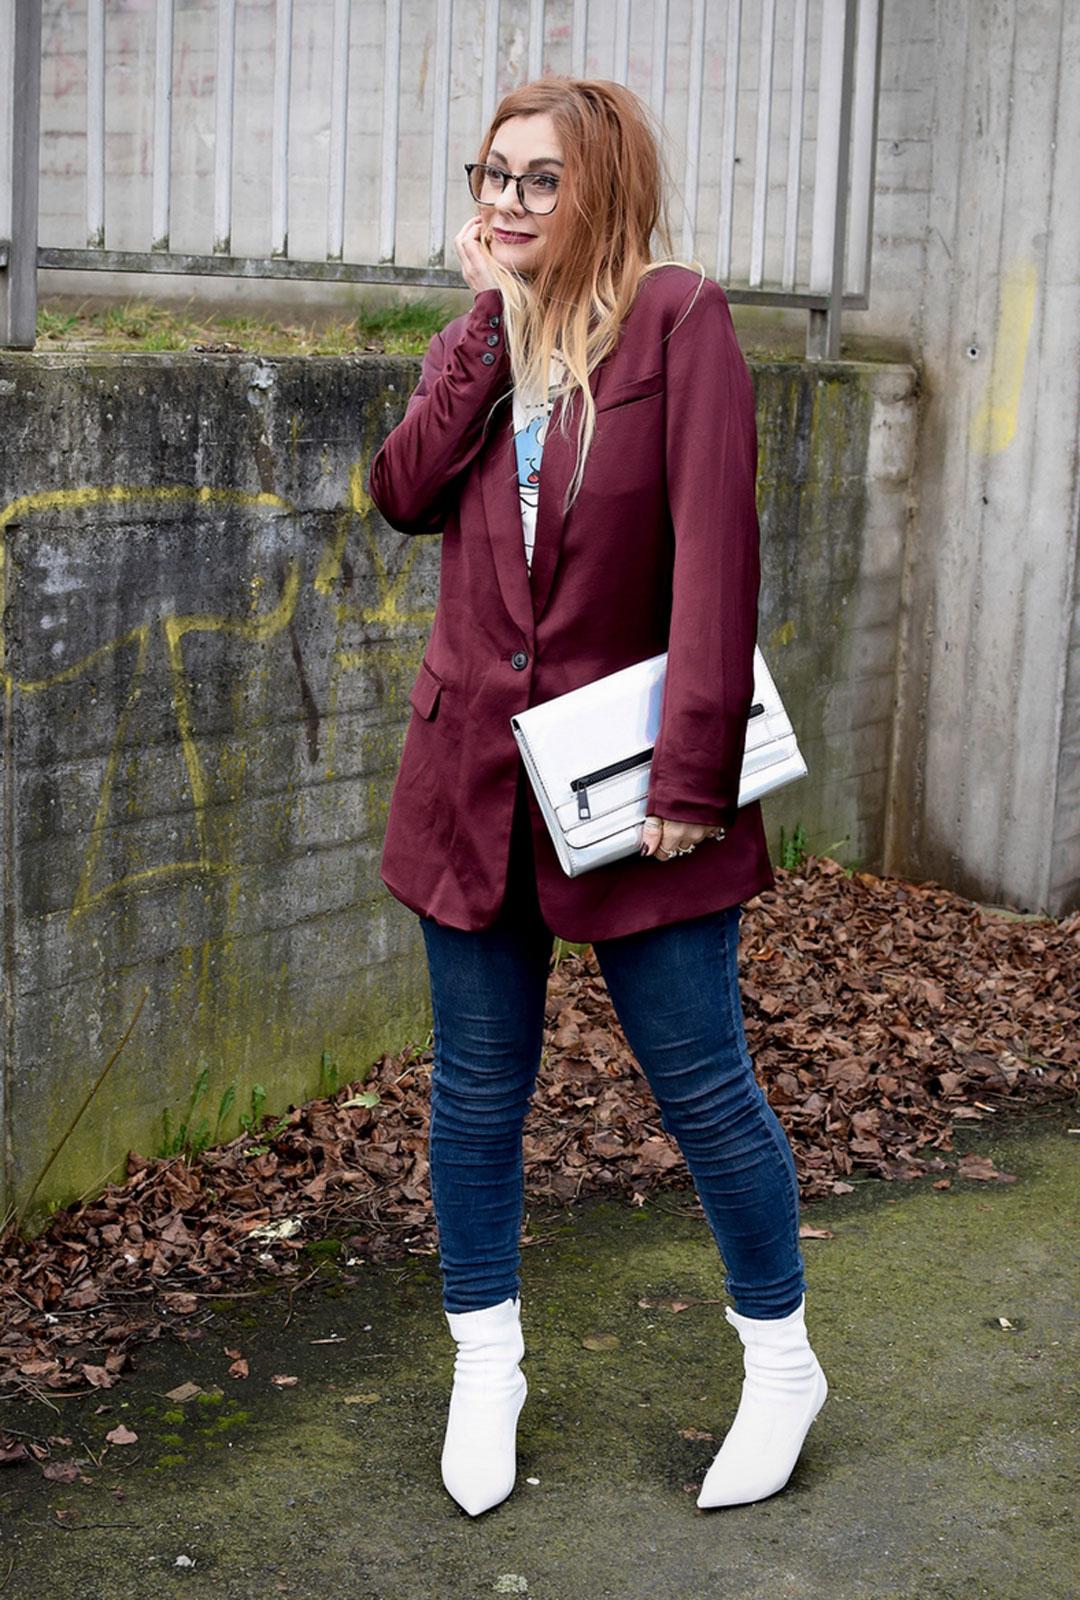 Weiße Stiefel, Skinny Jeans, Blazer aus Satin in Weinrot